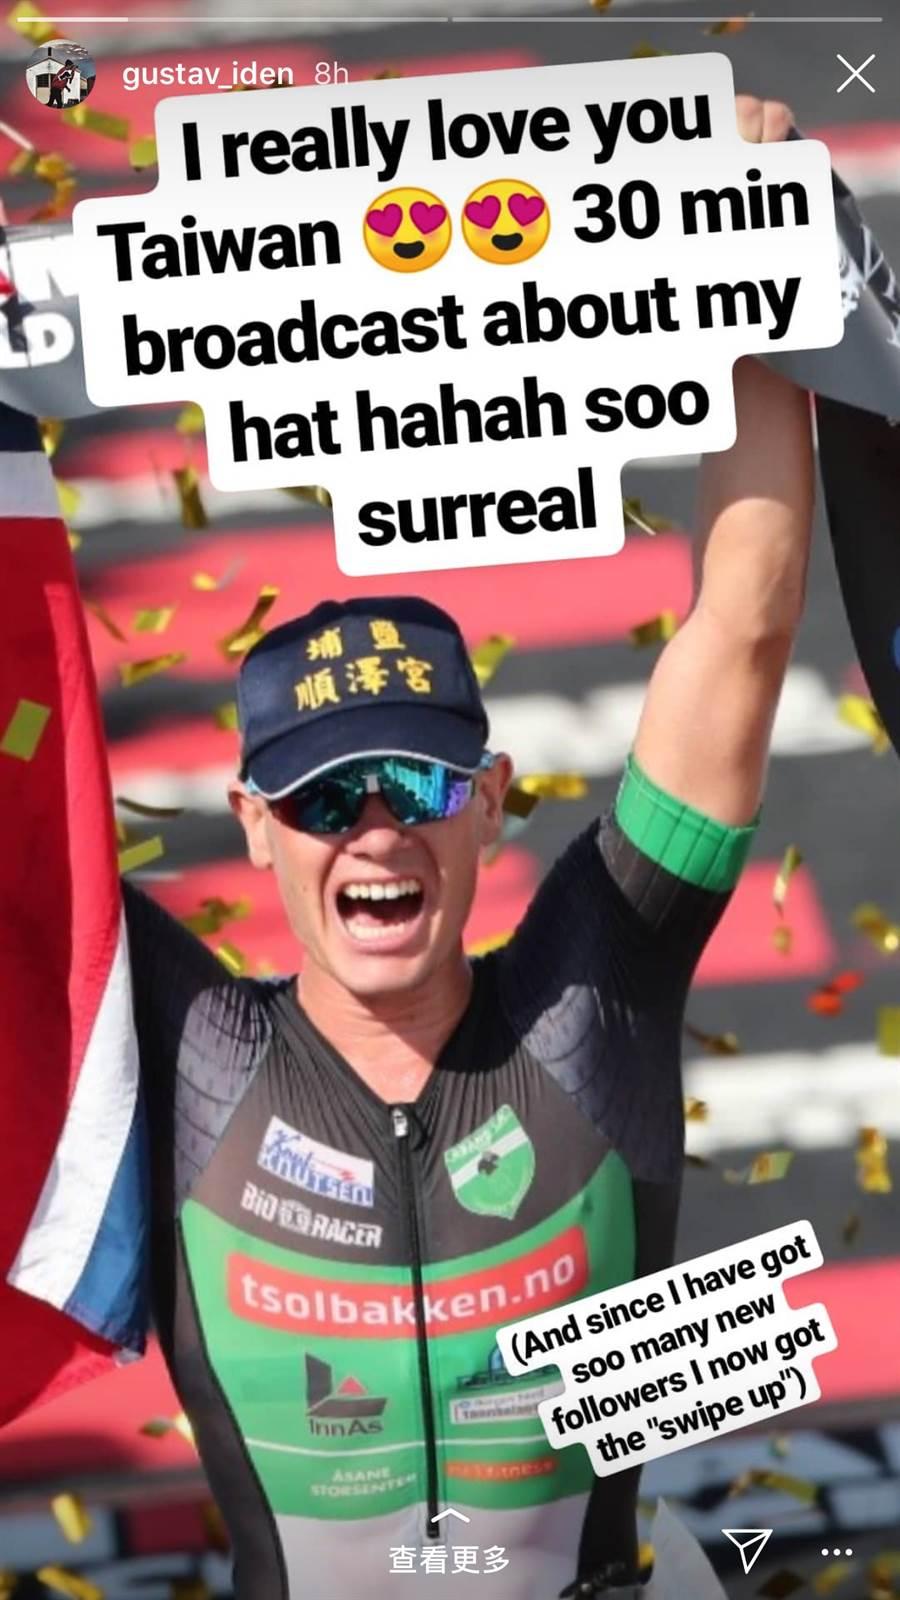 挪威鐵人三項世錦賽選手埃登在IG上發文表示,「我愛台灣」。(翻攝自Gustav_iden IG)